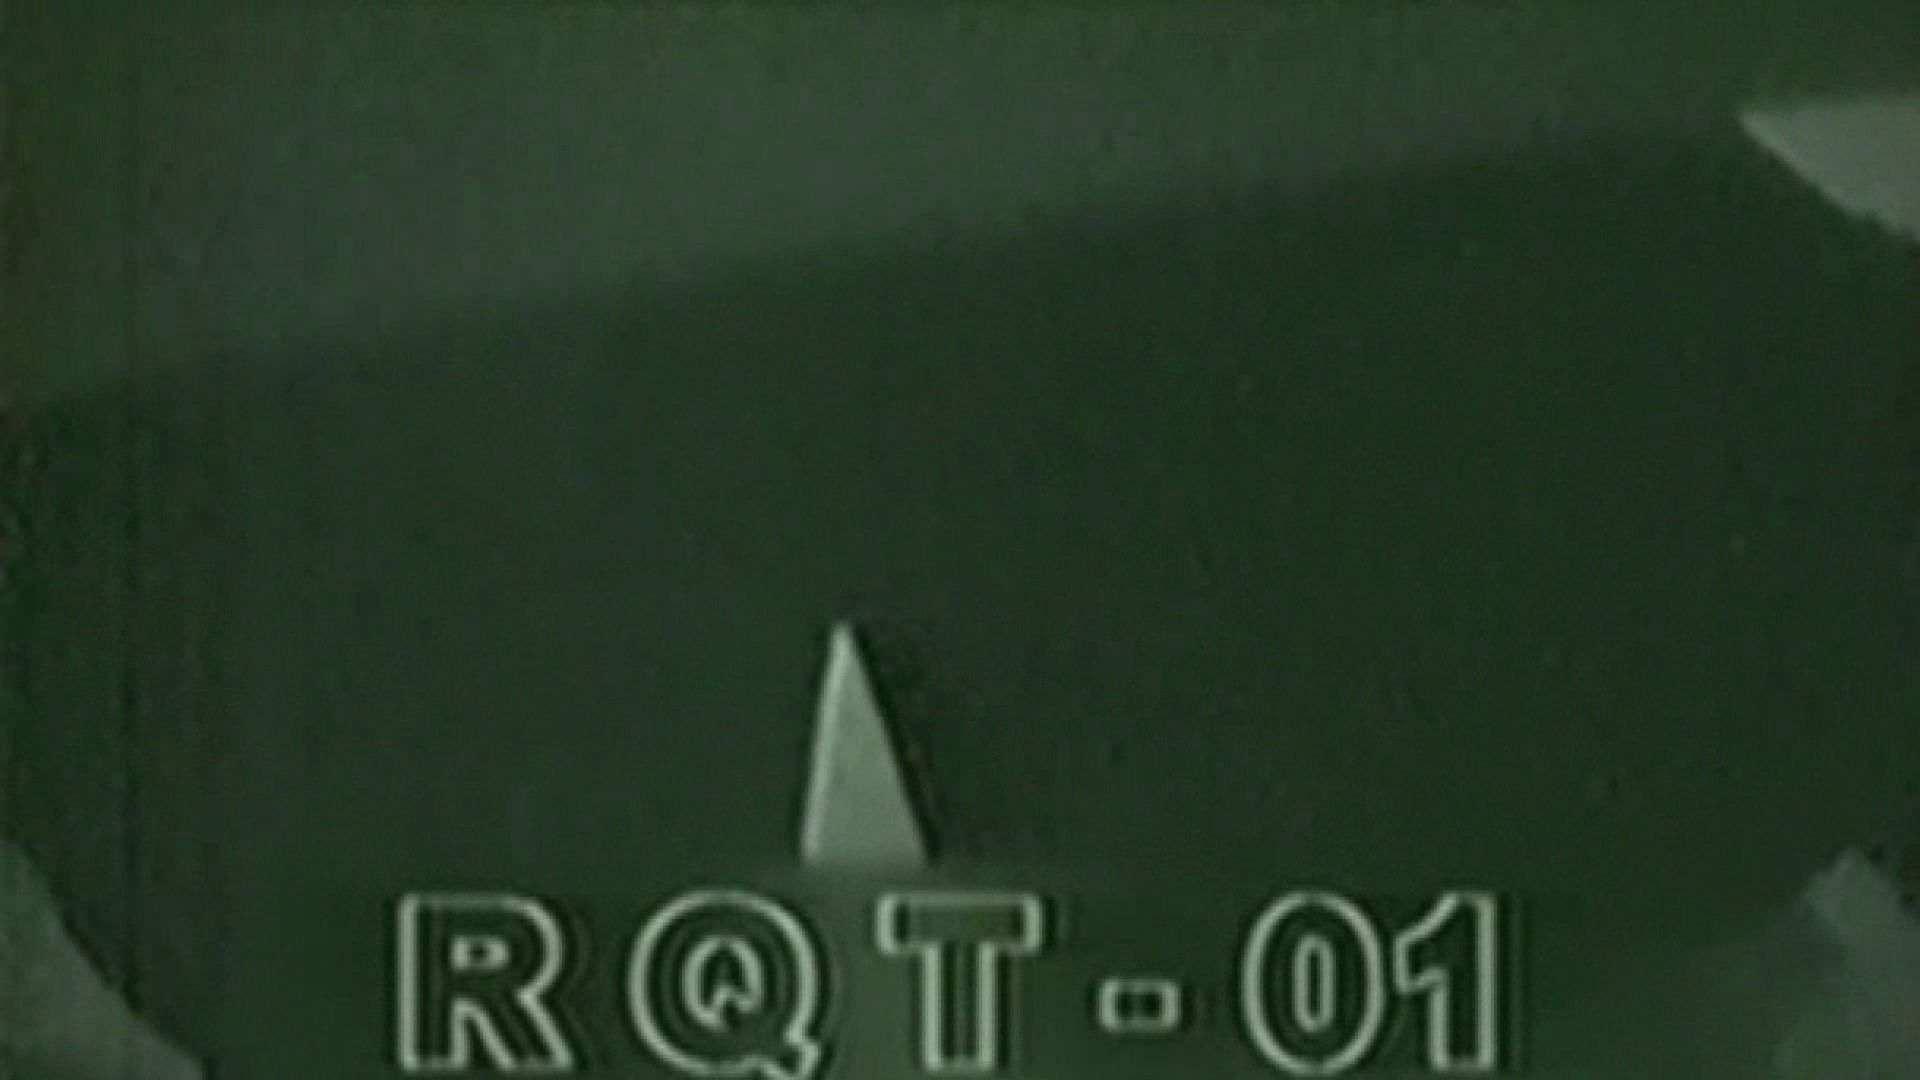 お姉さんの恥便所盗撮! Vol.2 レースクイーンエロ画像 盗撮われめAV動画紹介 89PICs 24